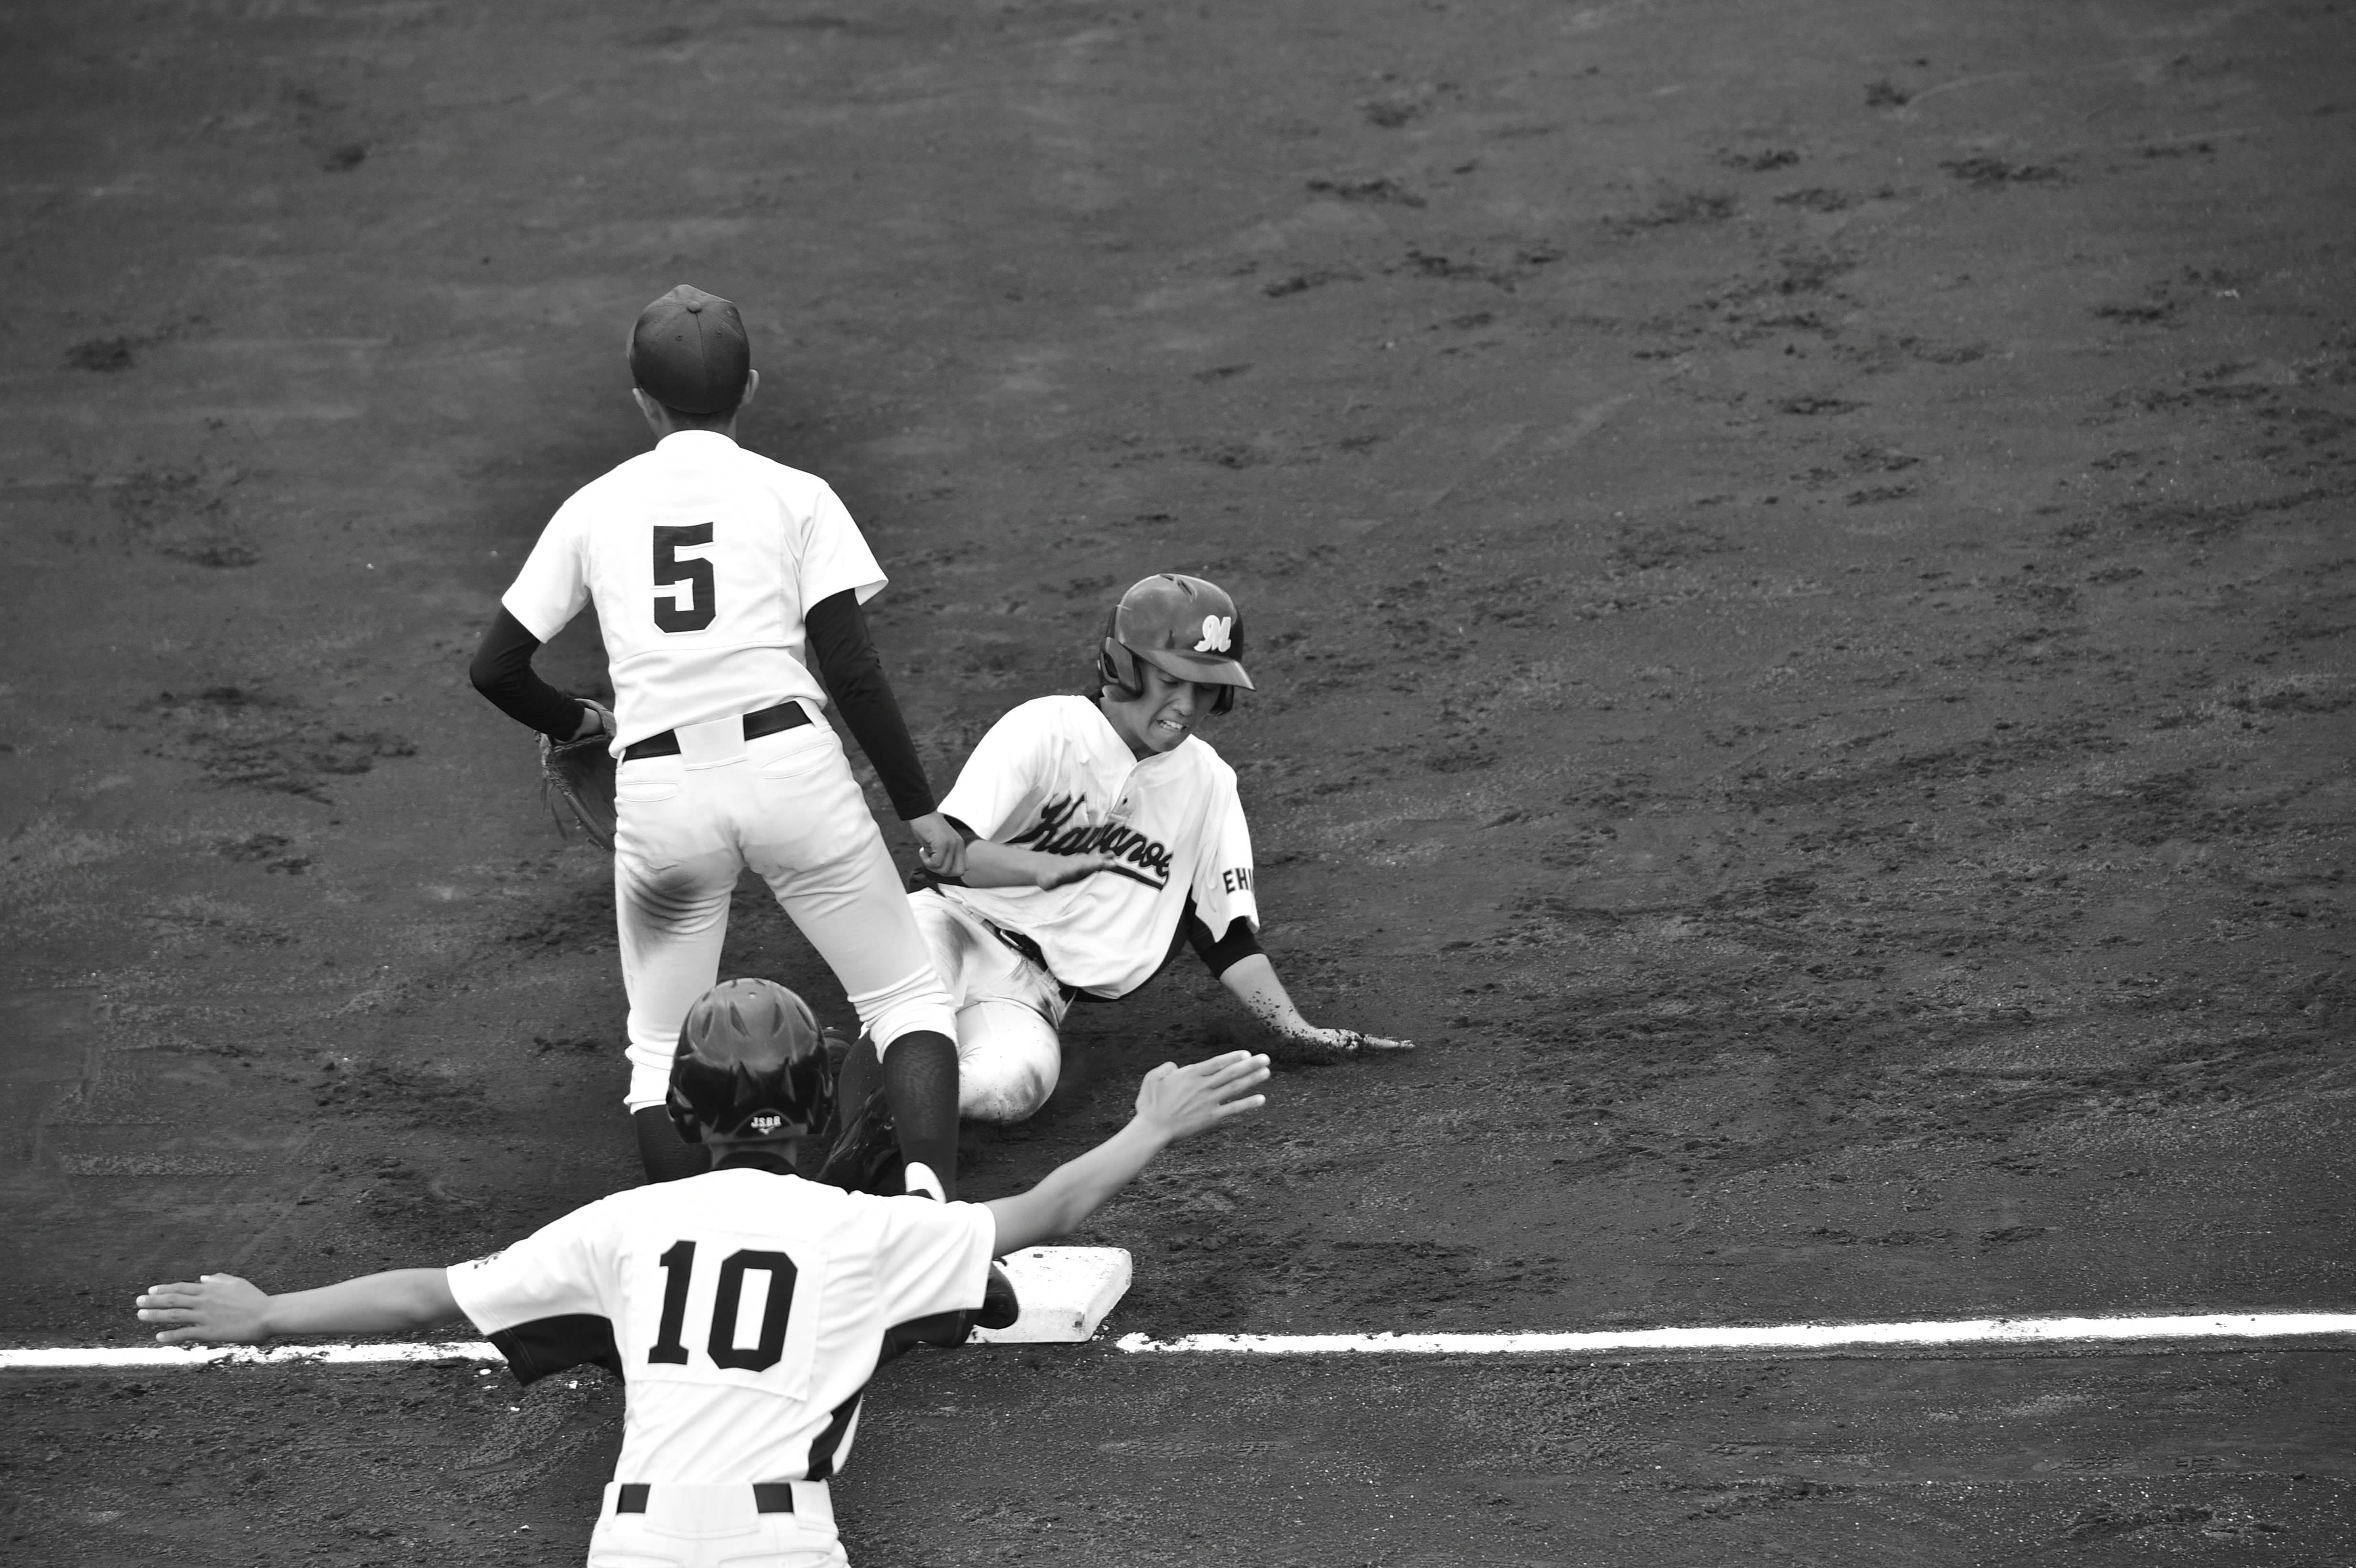 軟式野球 (211)